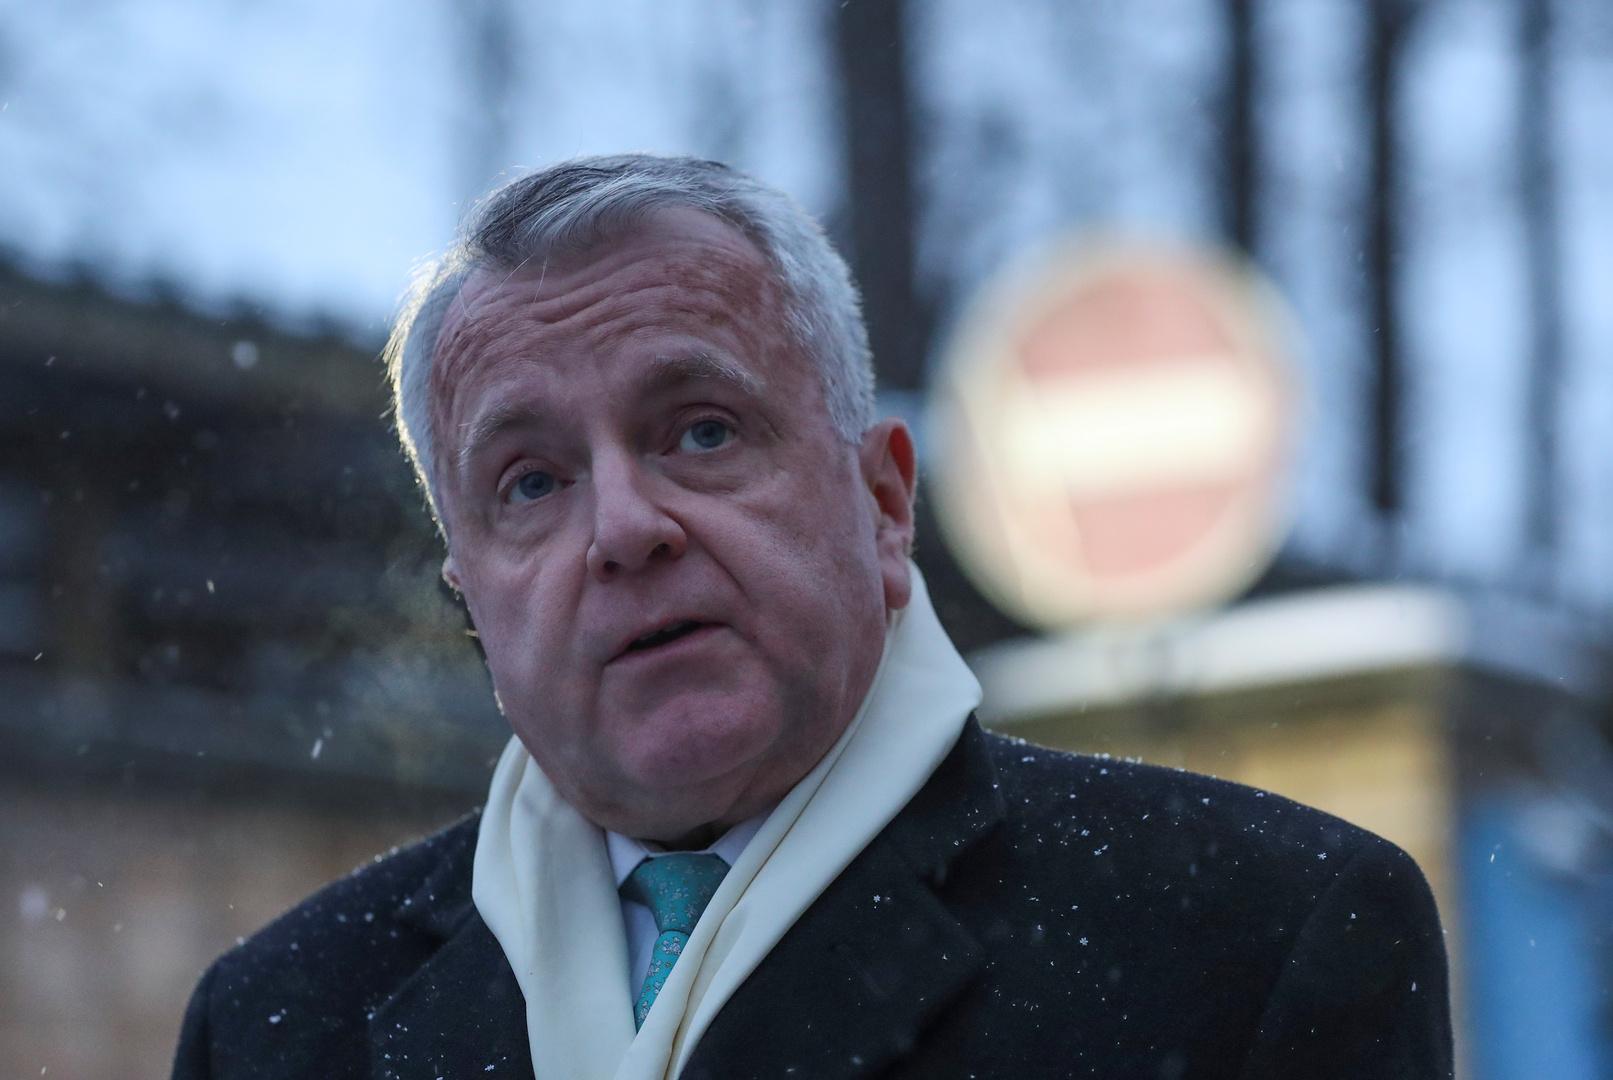 أنباء عن نية سفير الولايات المتحدة لدى روسيا السفر إلى بلاده للتشاور مع الإدارة